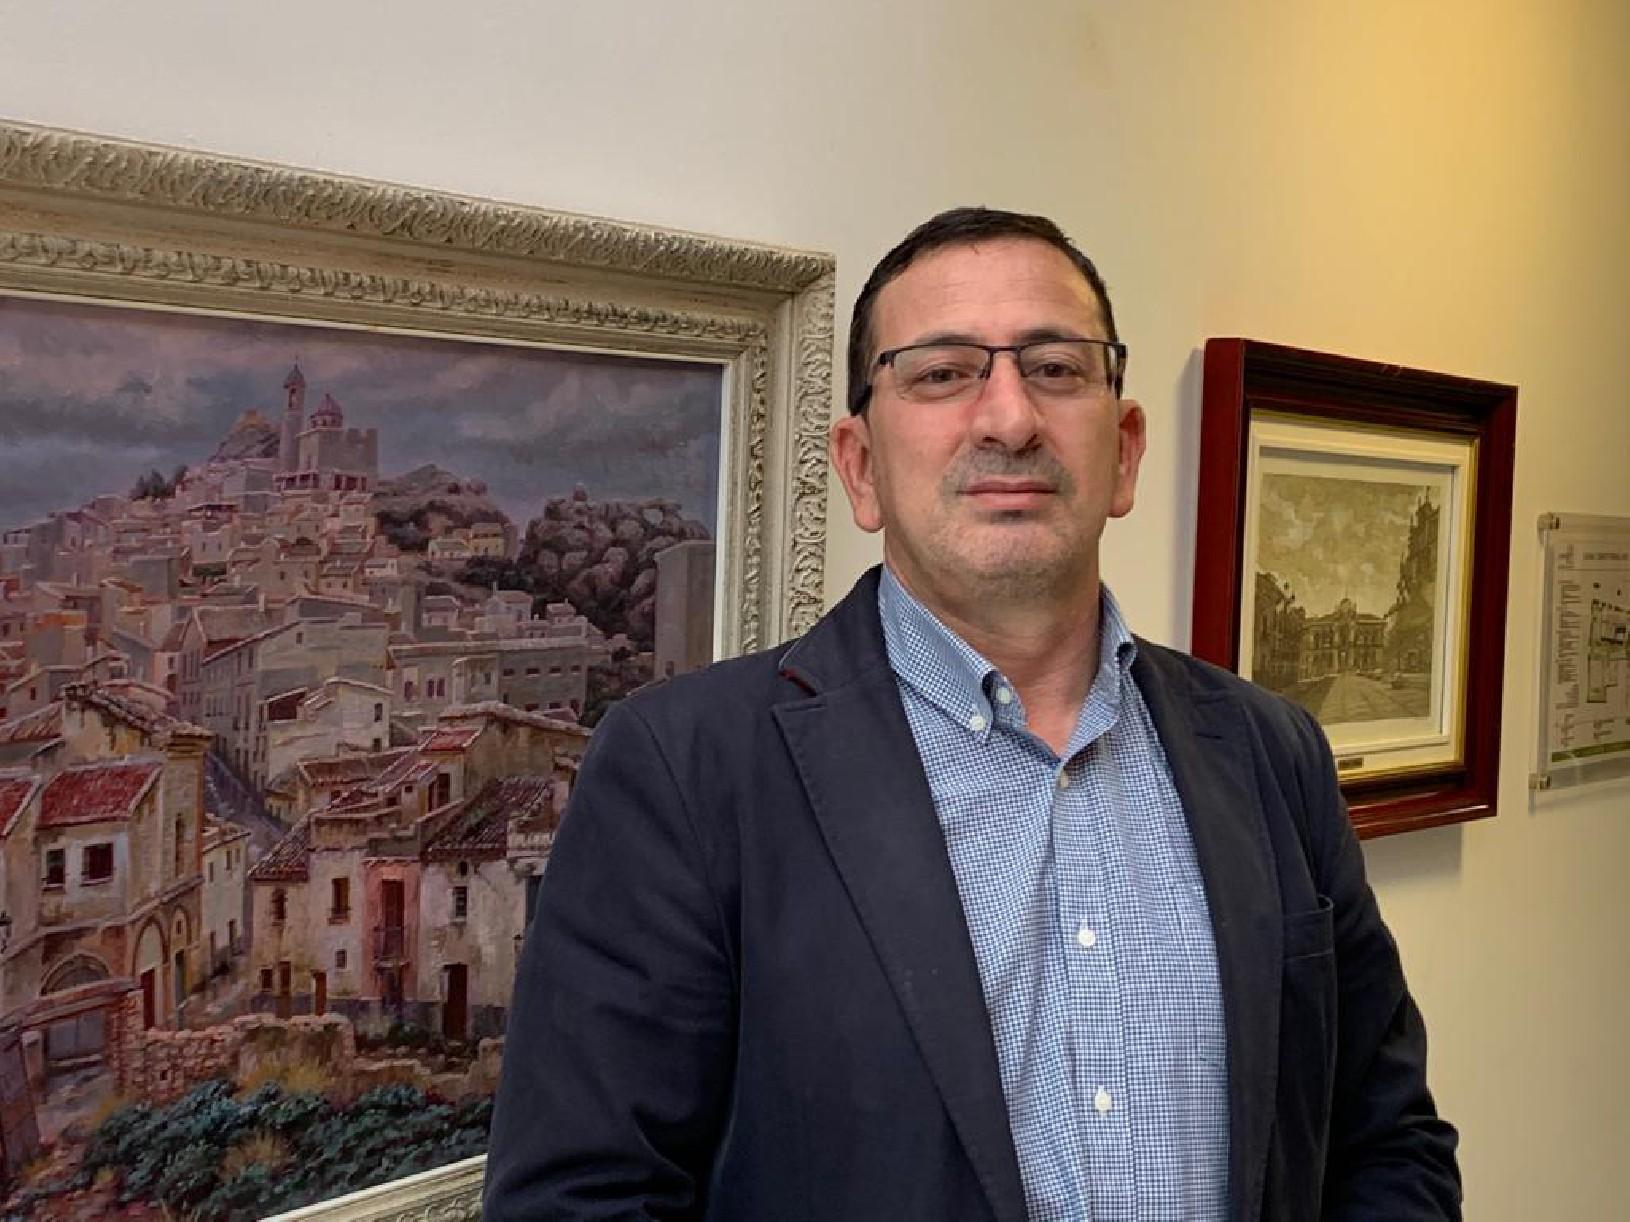 La concejalía de Urbanismo de Lorca autoriza la instalación de tres nuevos equipos de carga para vehículos eléctricos